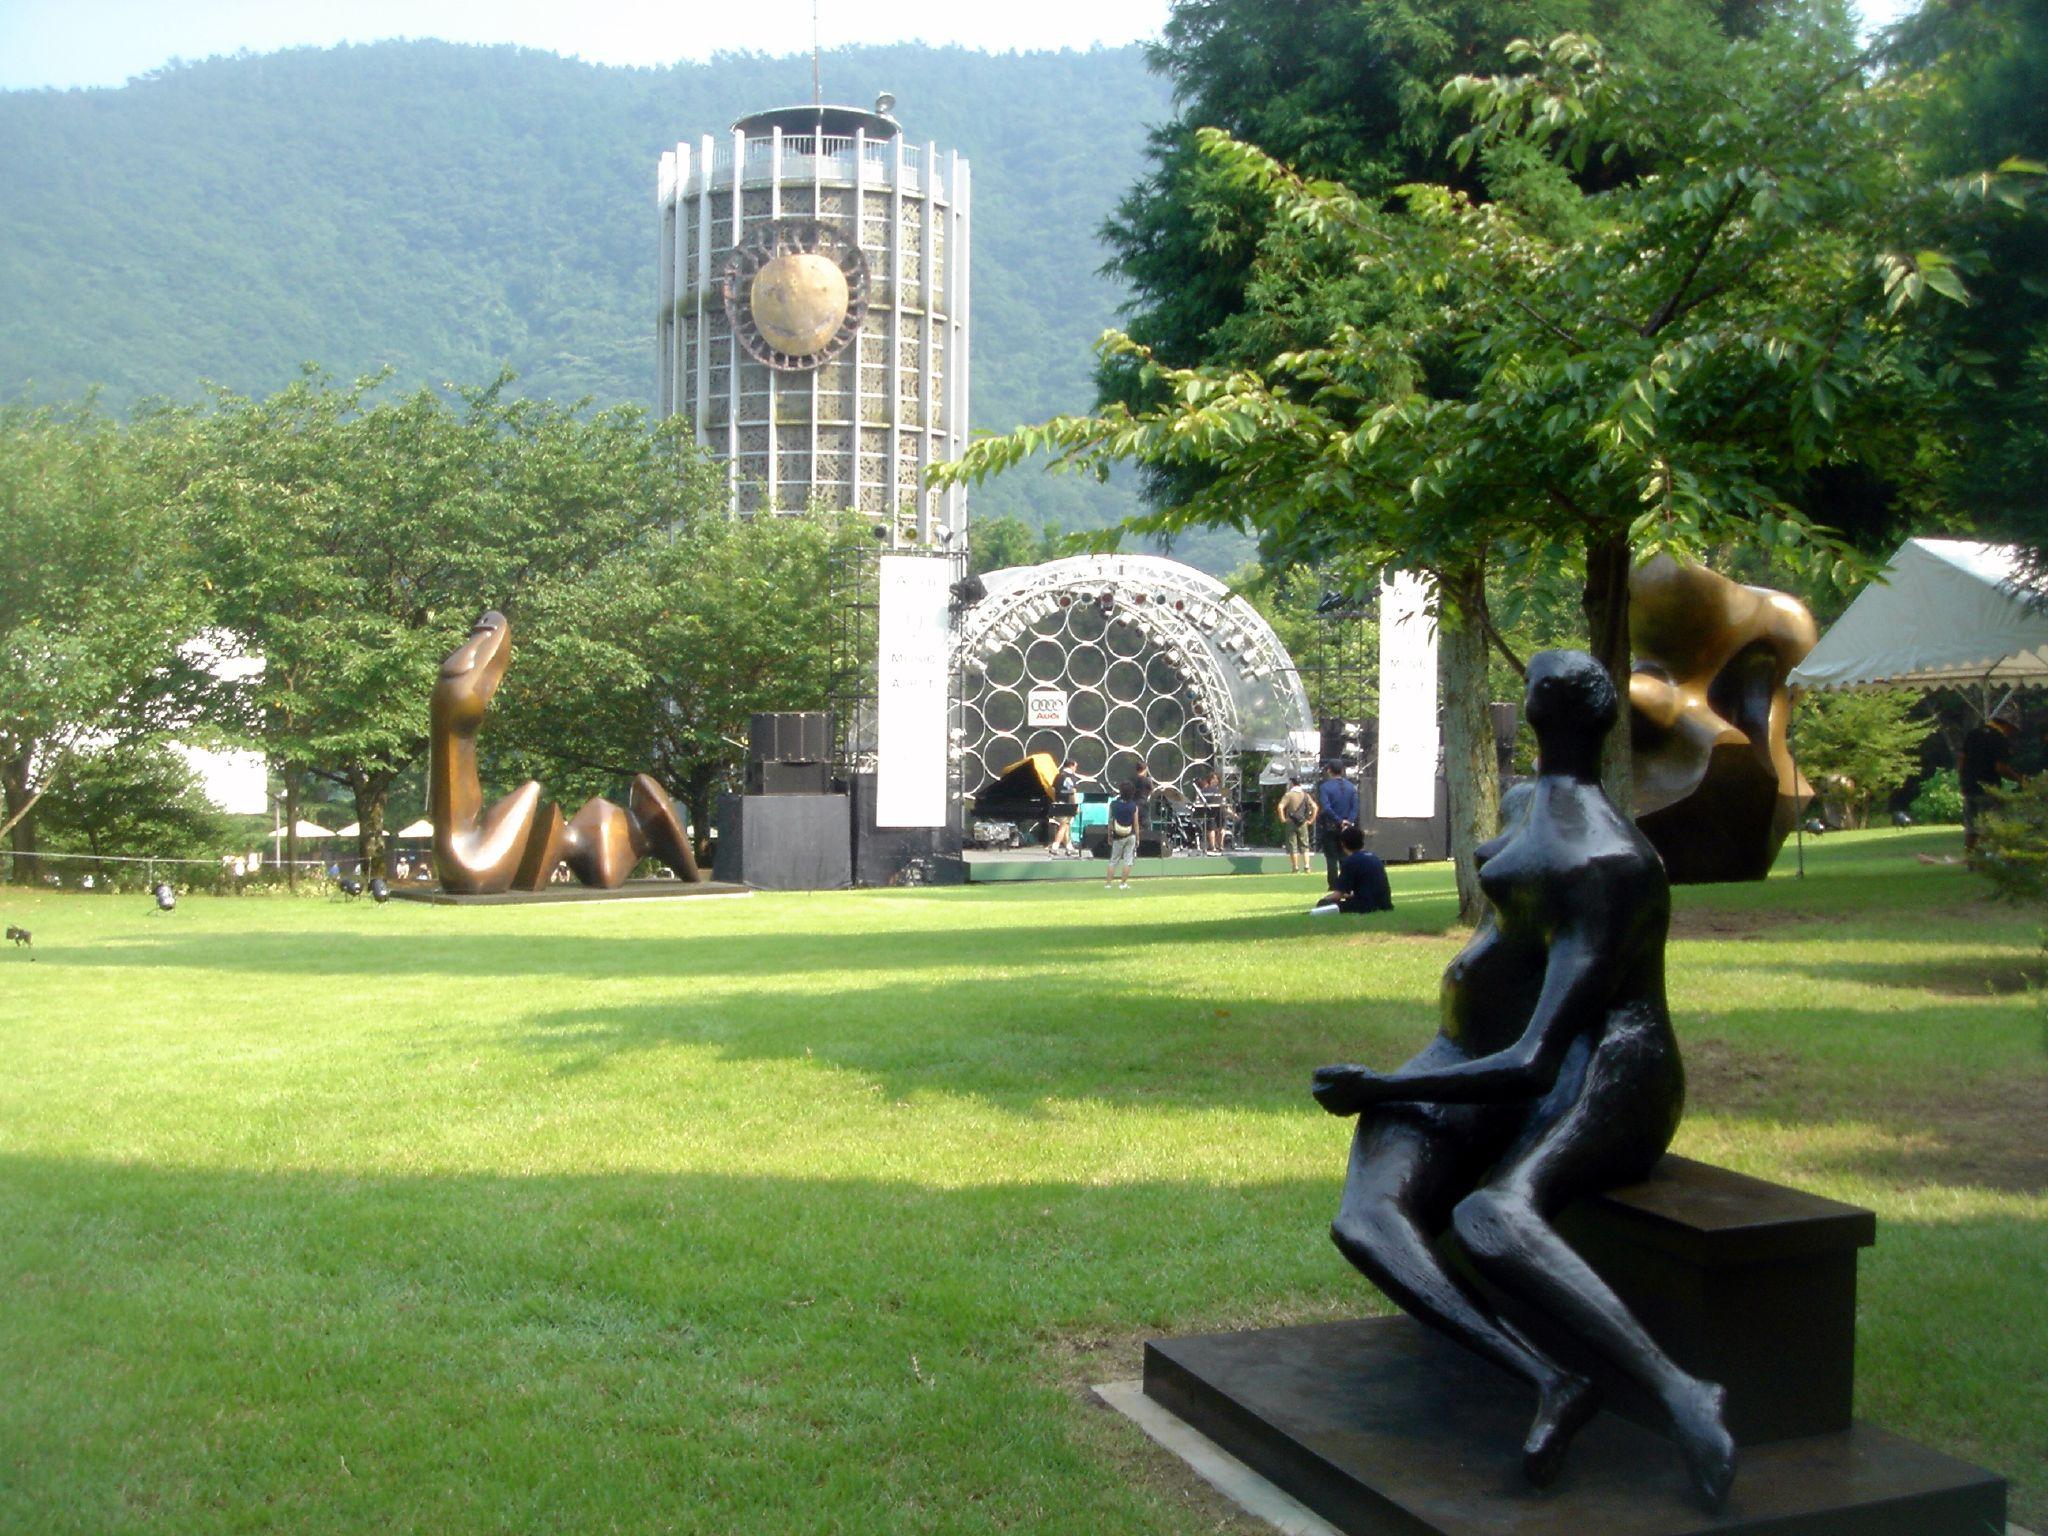 彫刻 美術館 森 箱根 の